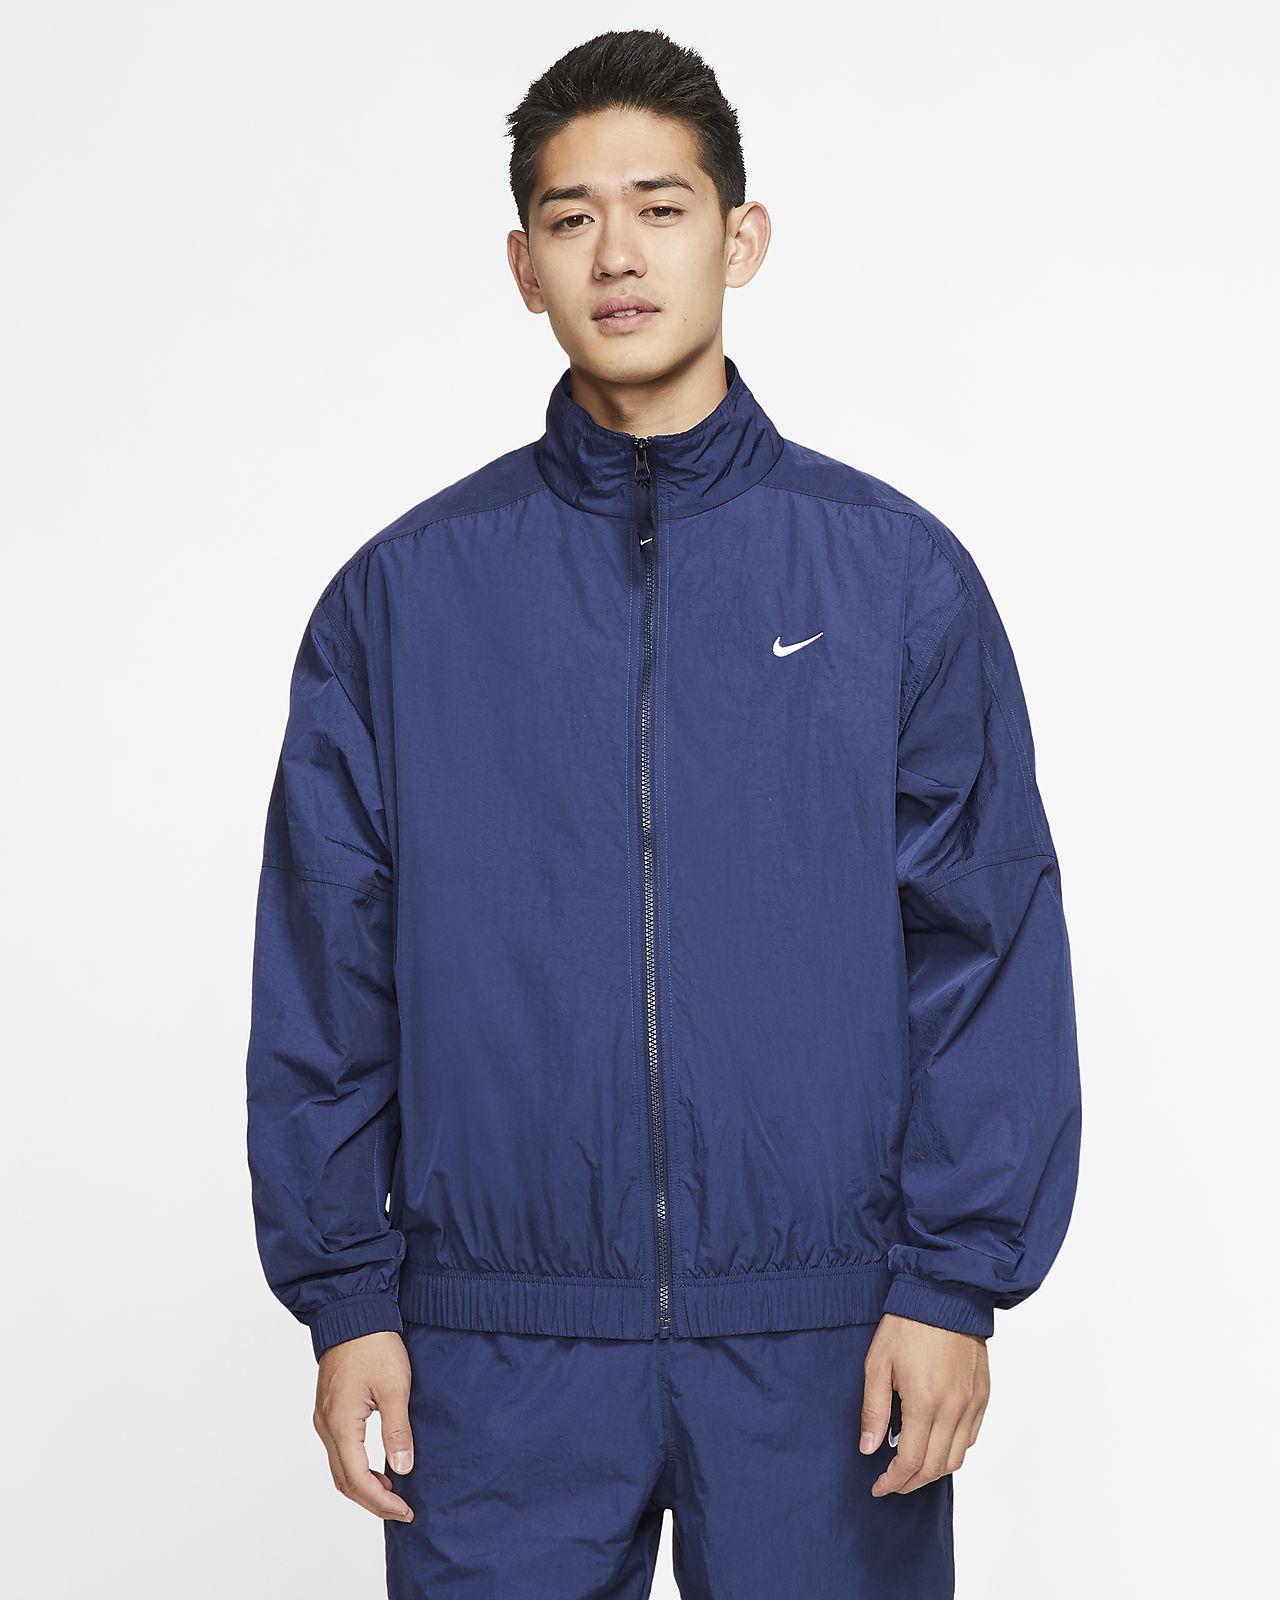 Nike Track-Jacket für Herren